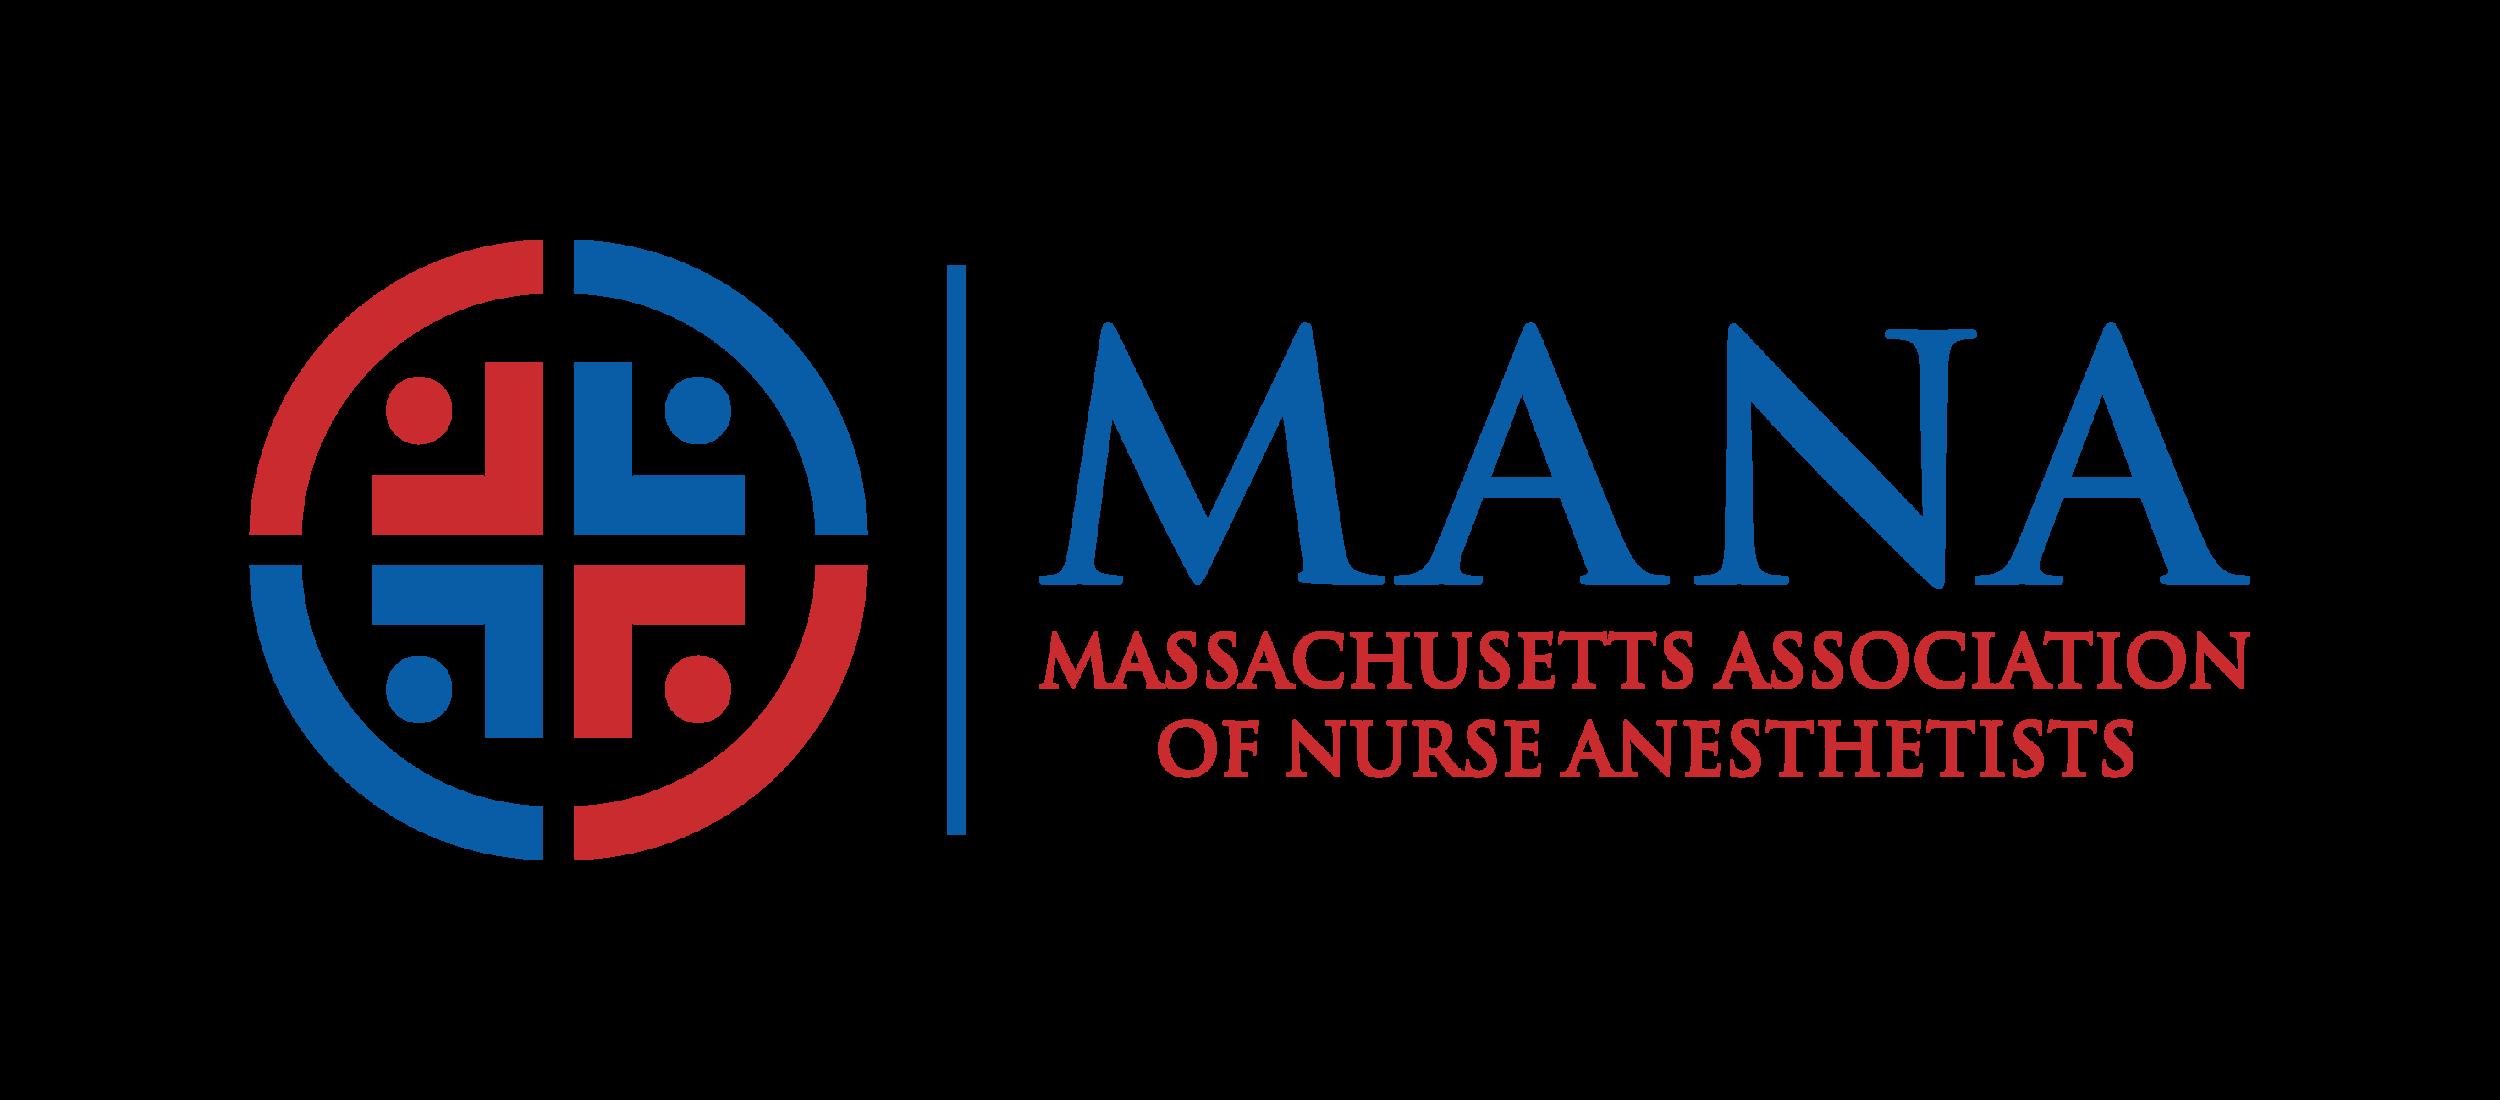 Massachusetts_Association_of.png